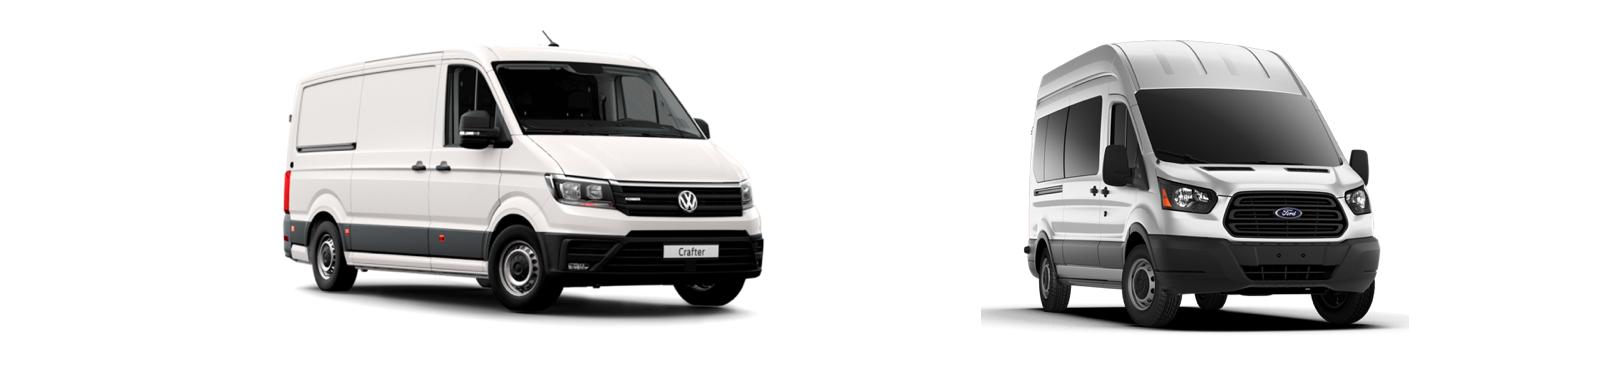 Volkswagen AG y Ford Motor Company hacen una alianza global para producir vehículos